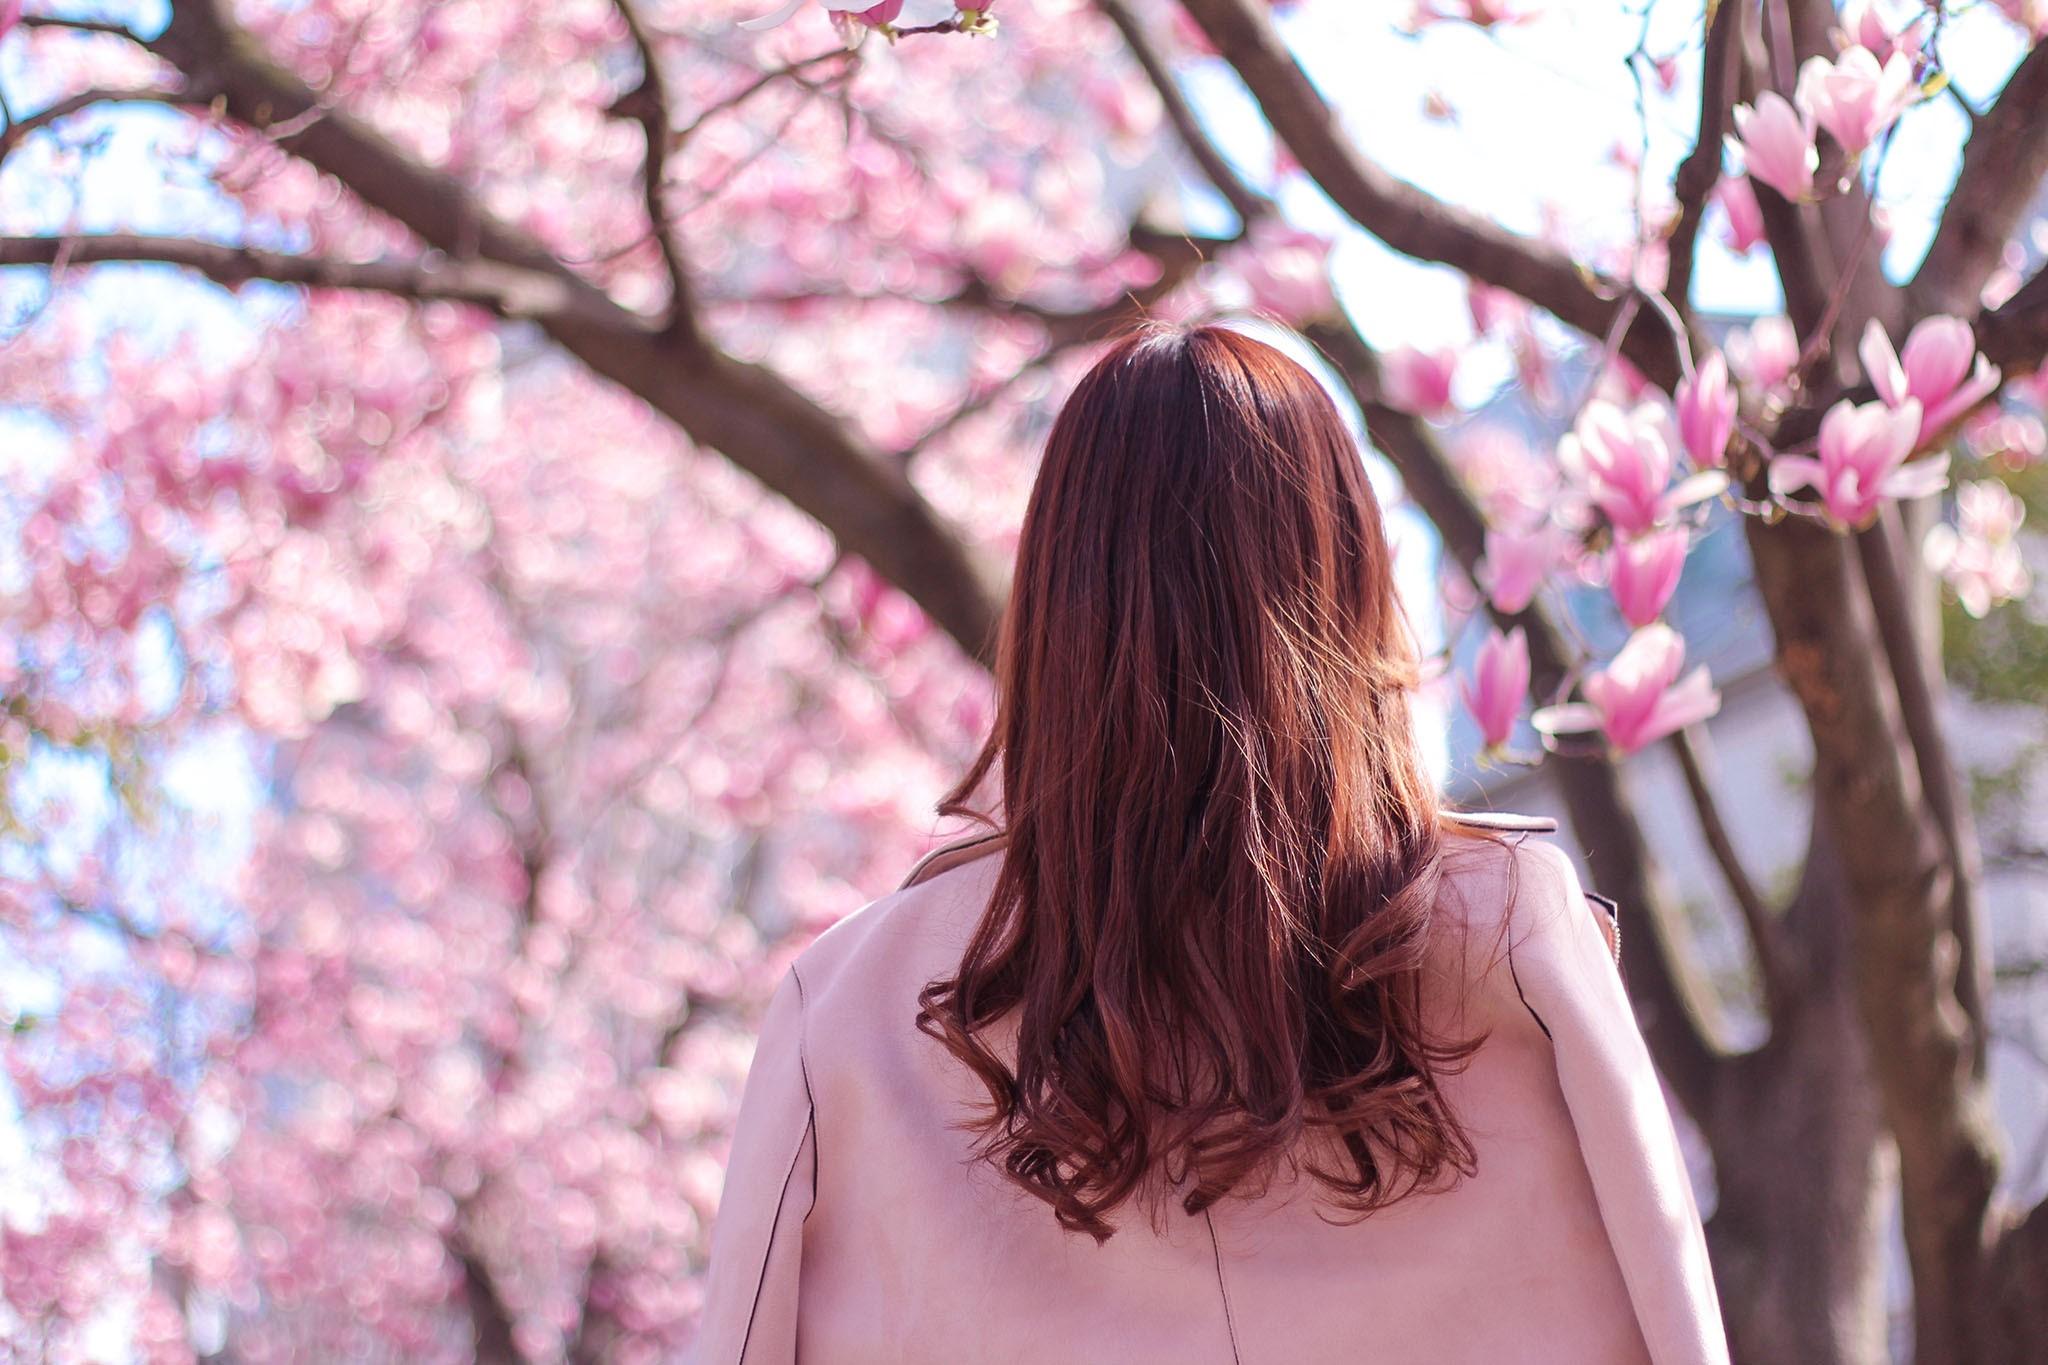 桜の下で女の子がピンクのコートを着て後ろ向きに立っている姿